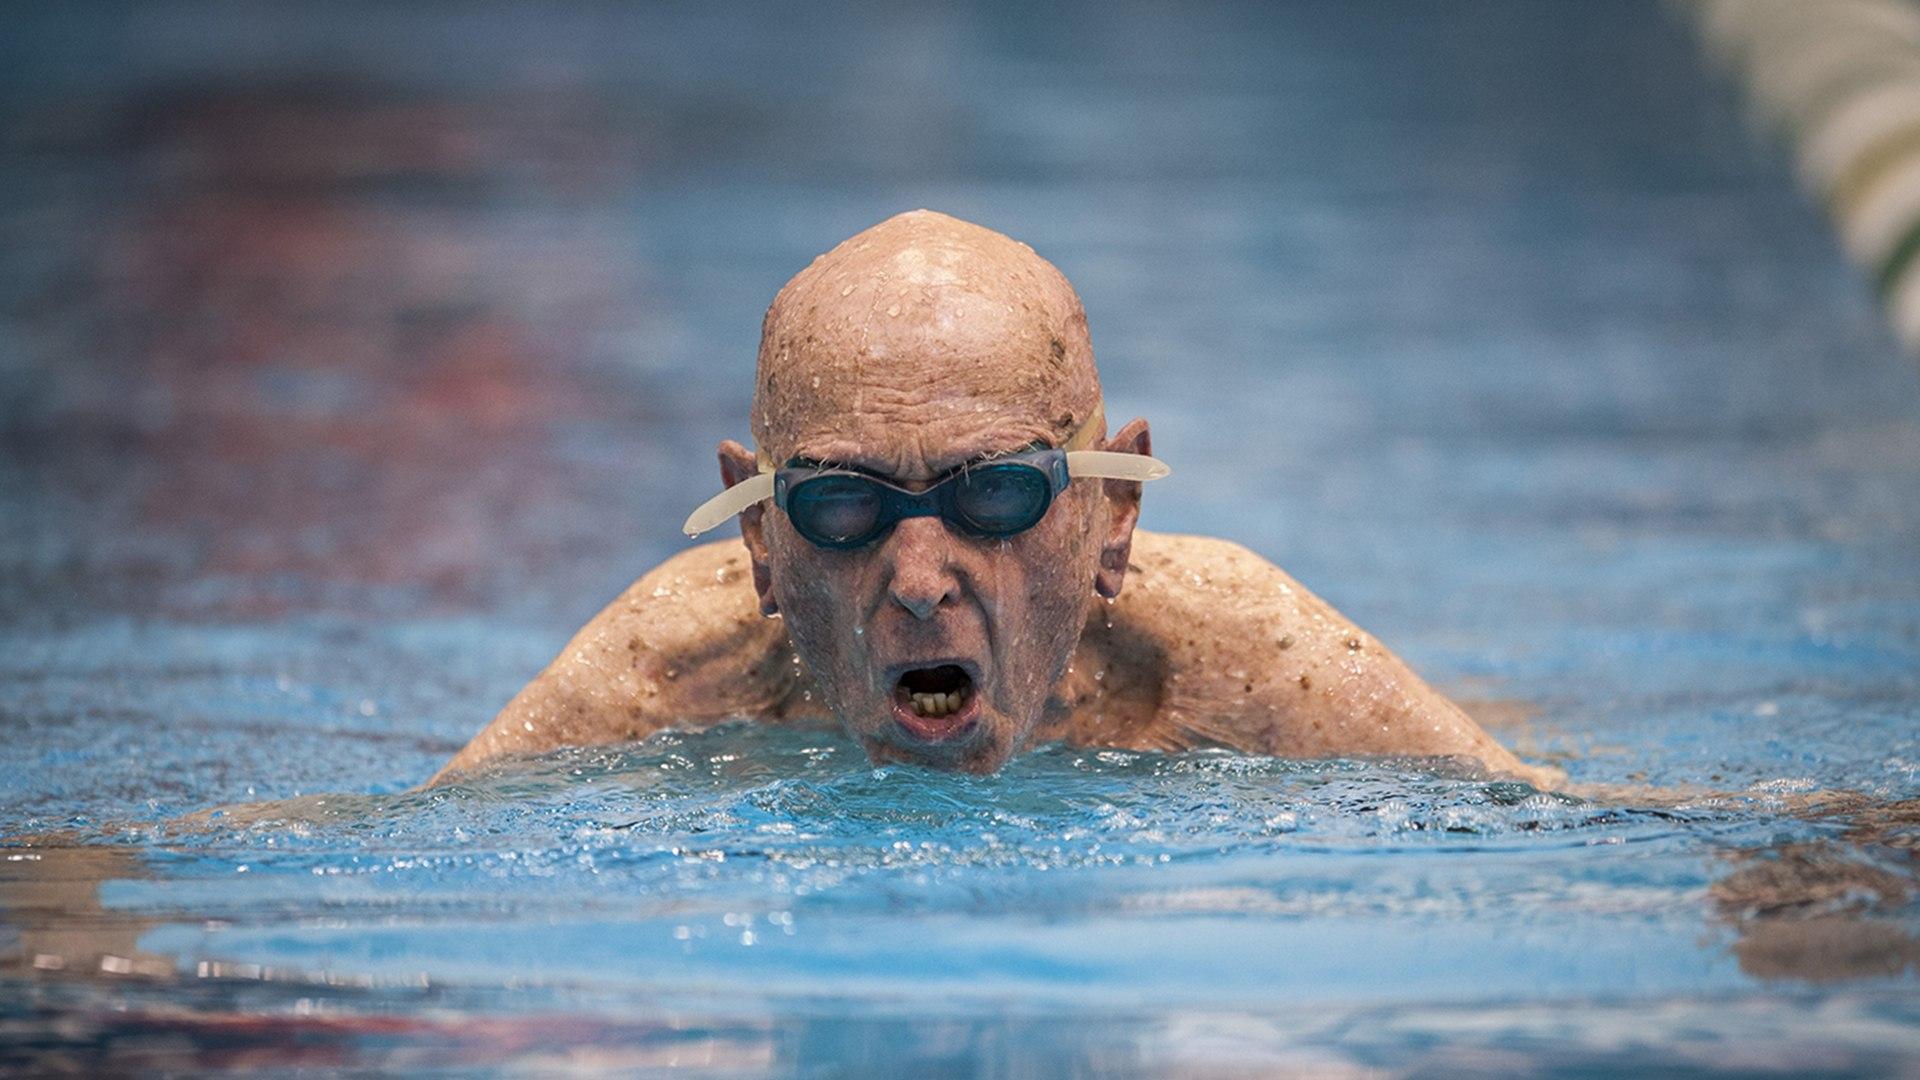 Russ Witte swimming